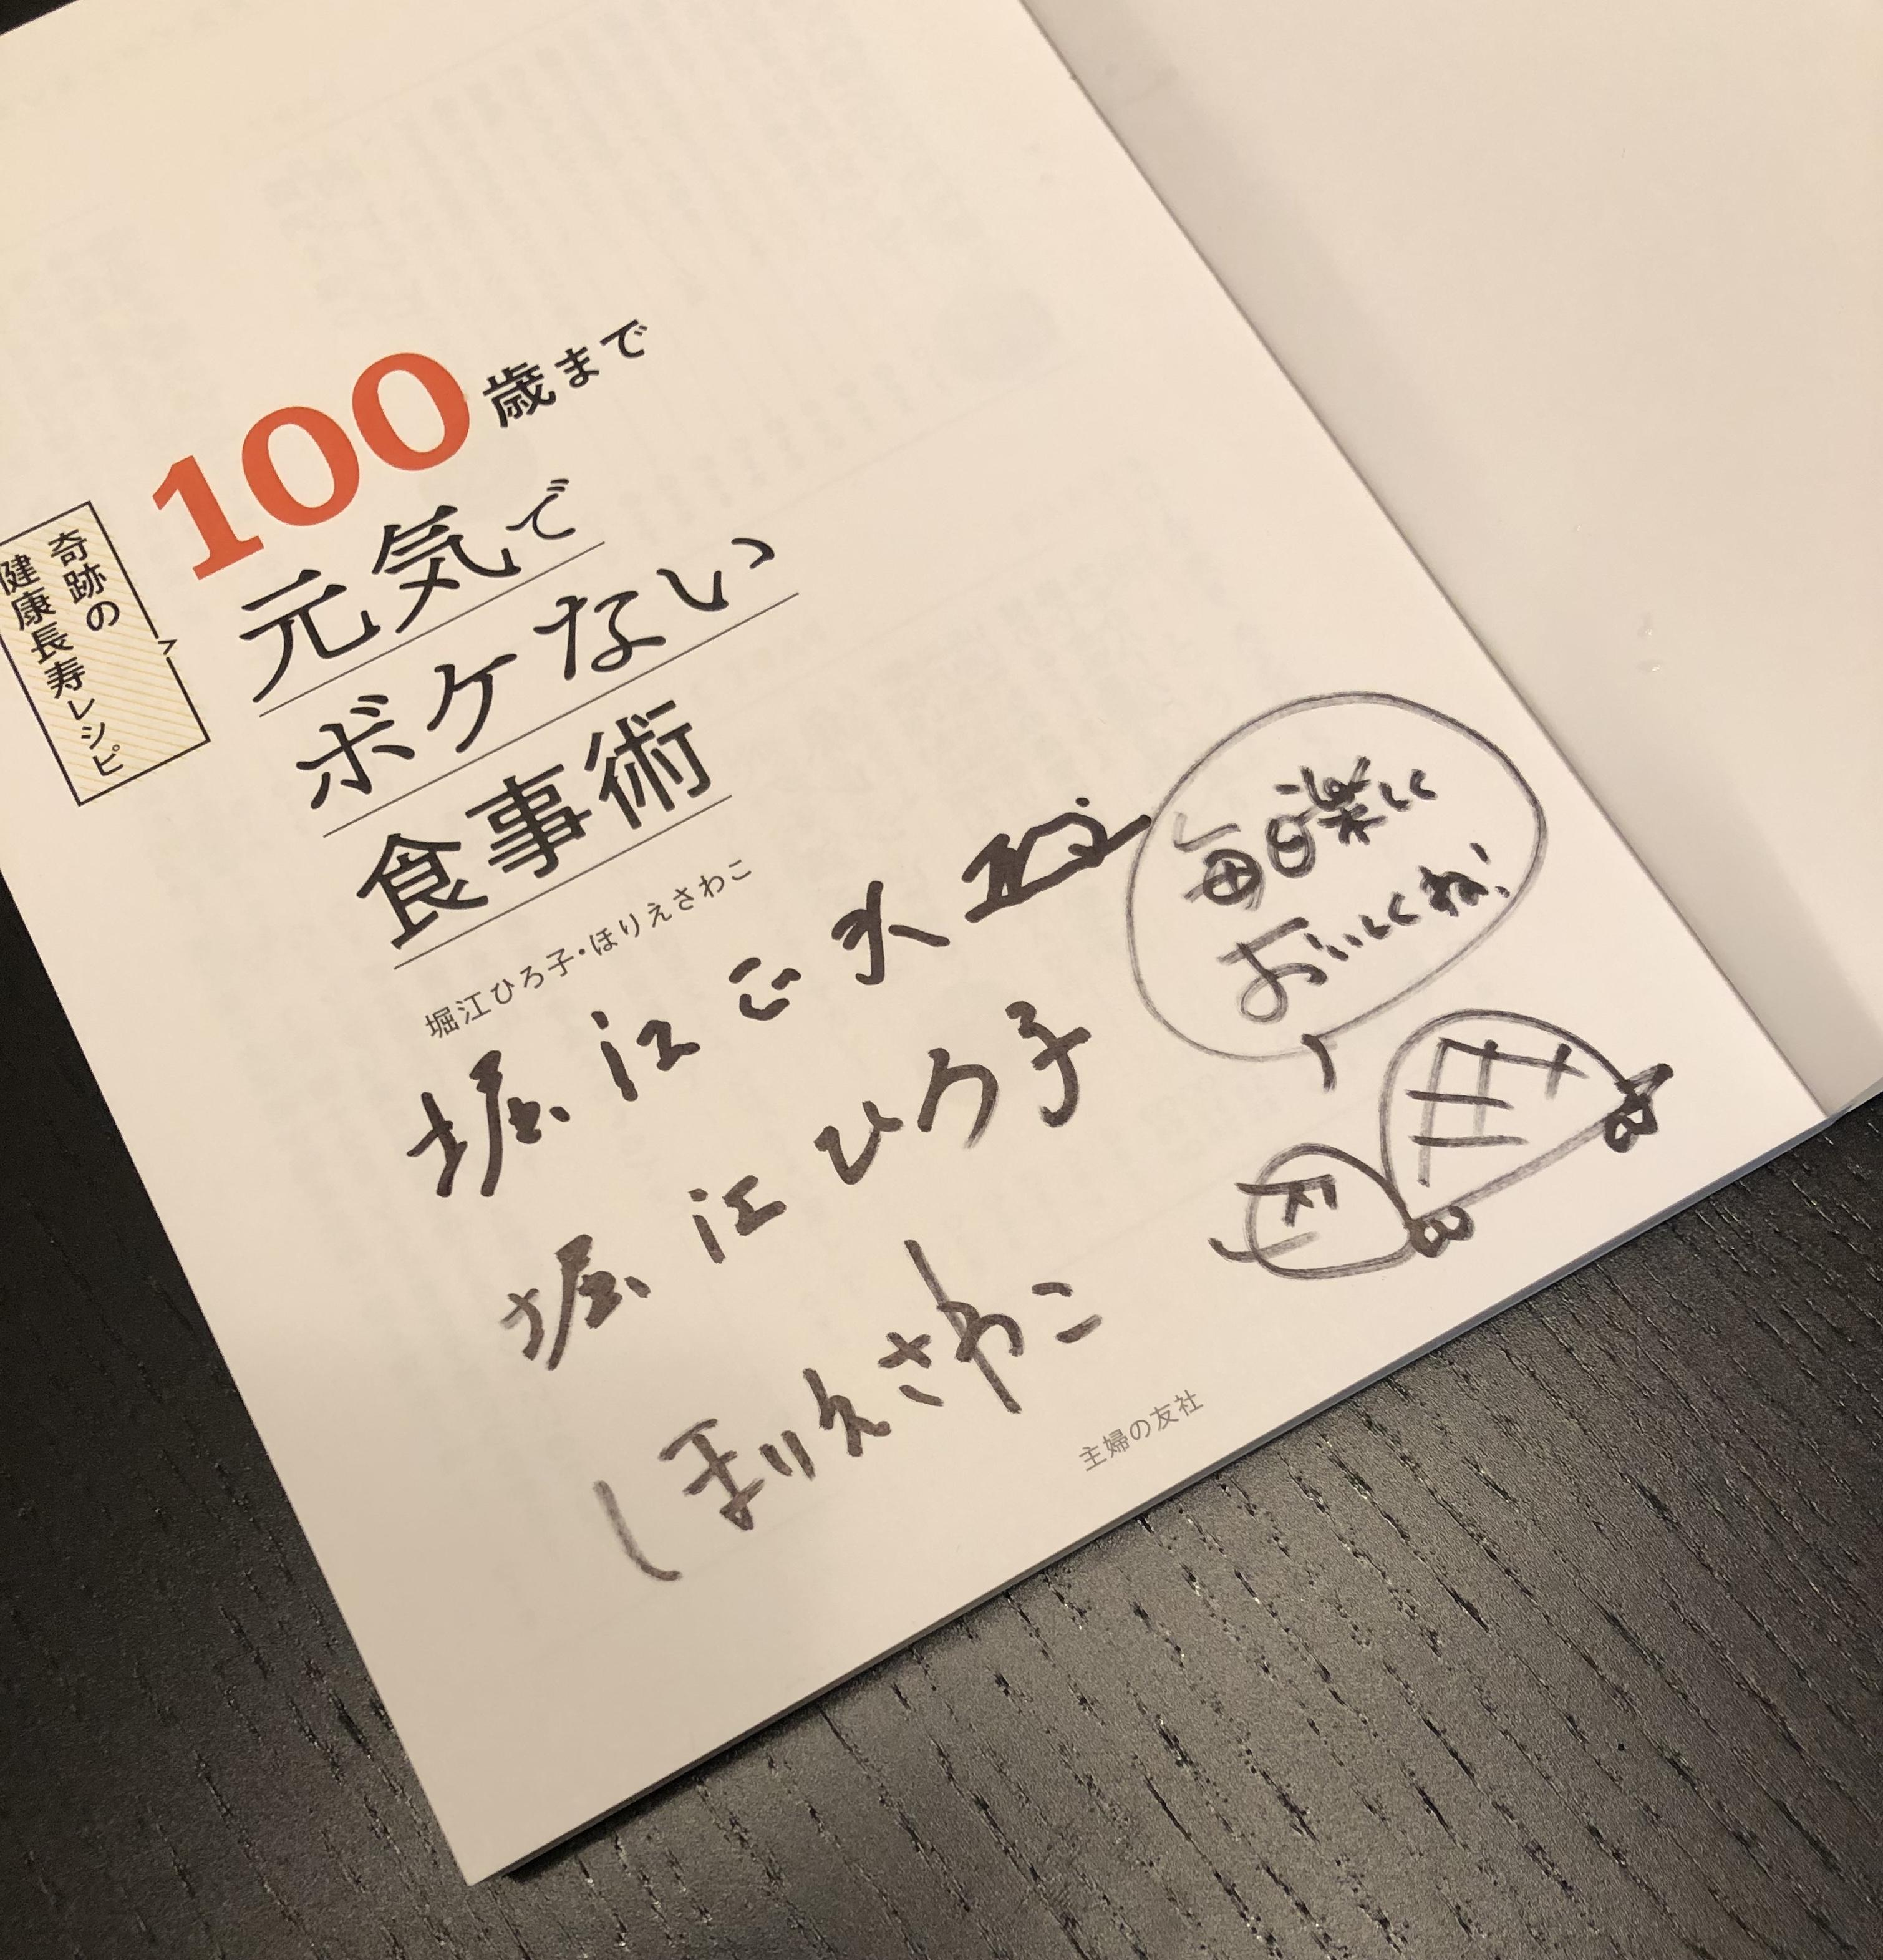 素敵な本のご紹介♪  「100歳まで元気でボケない食事術」